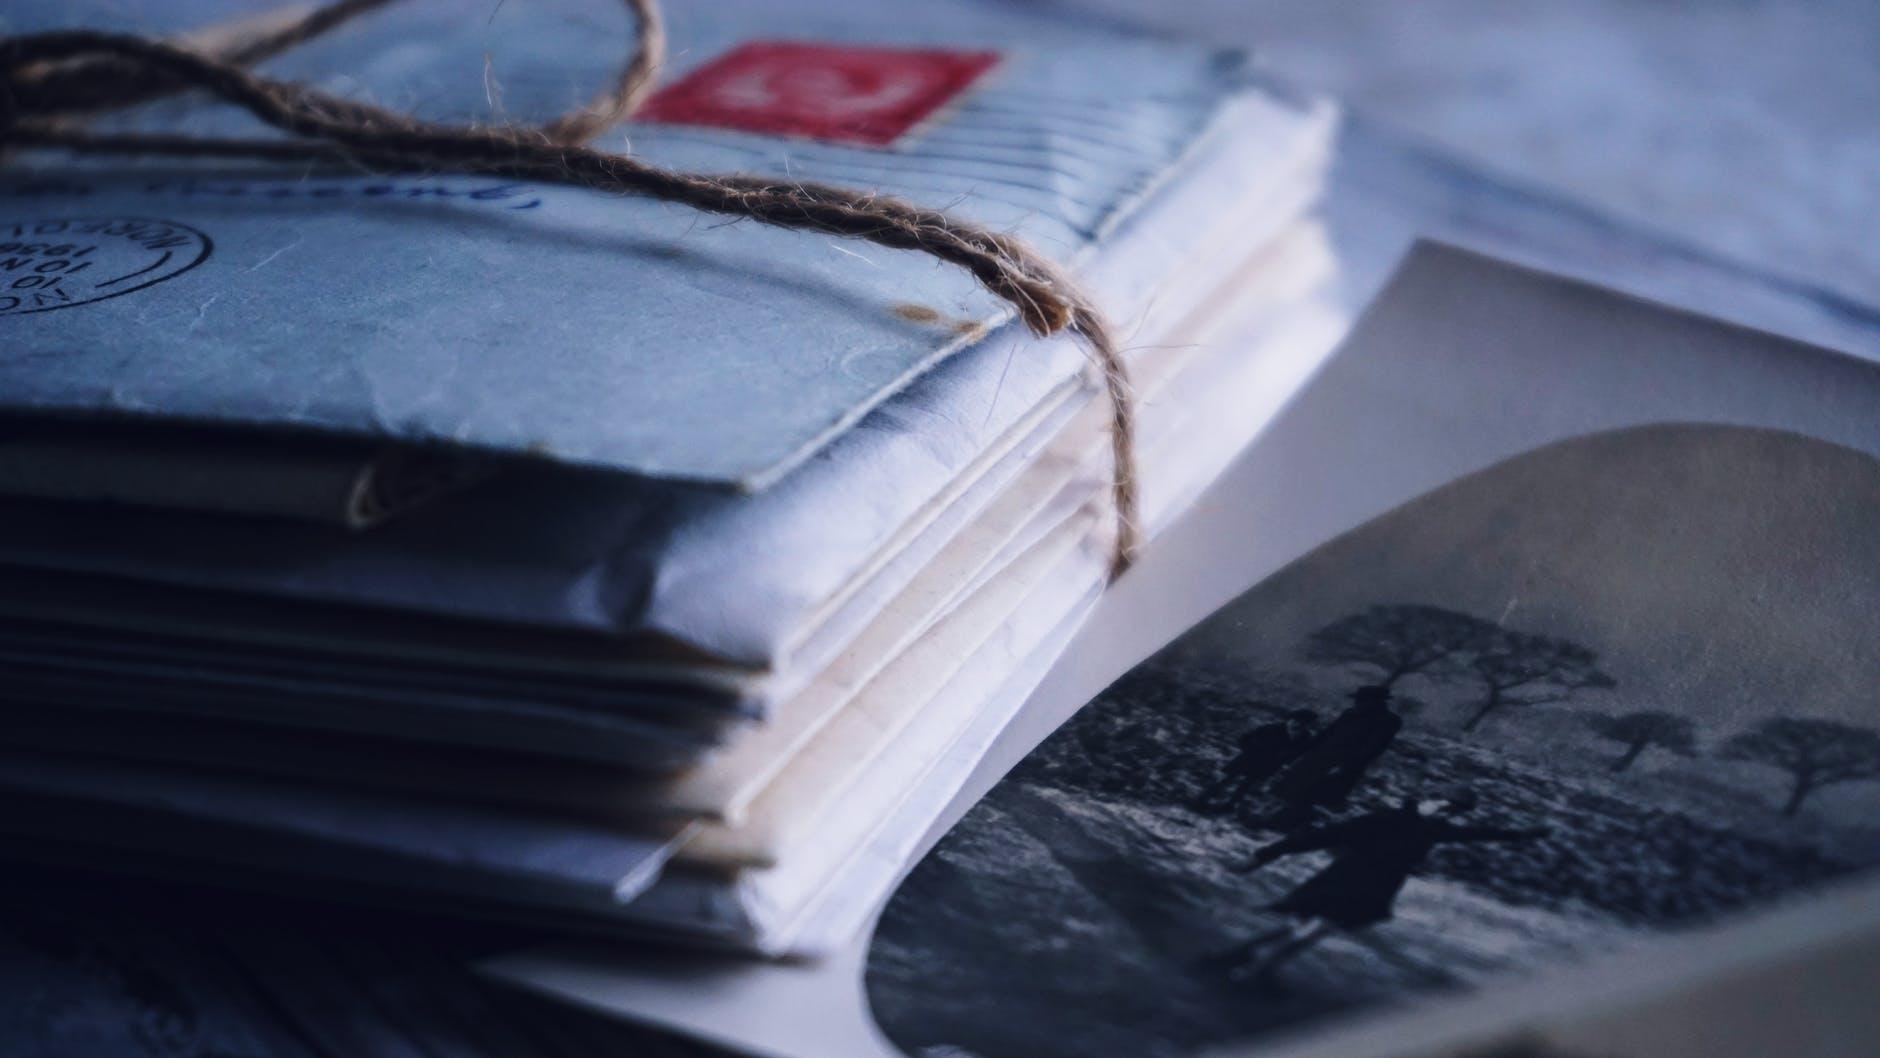 Contoh Surat Kuasa dan Cara Membuatnya dengan Benar